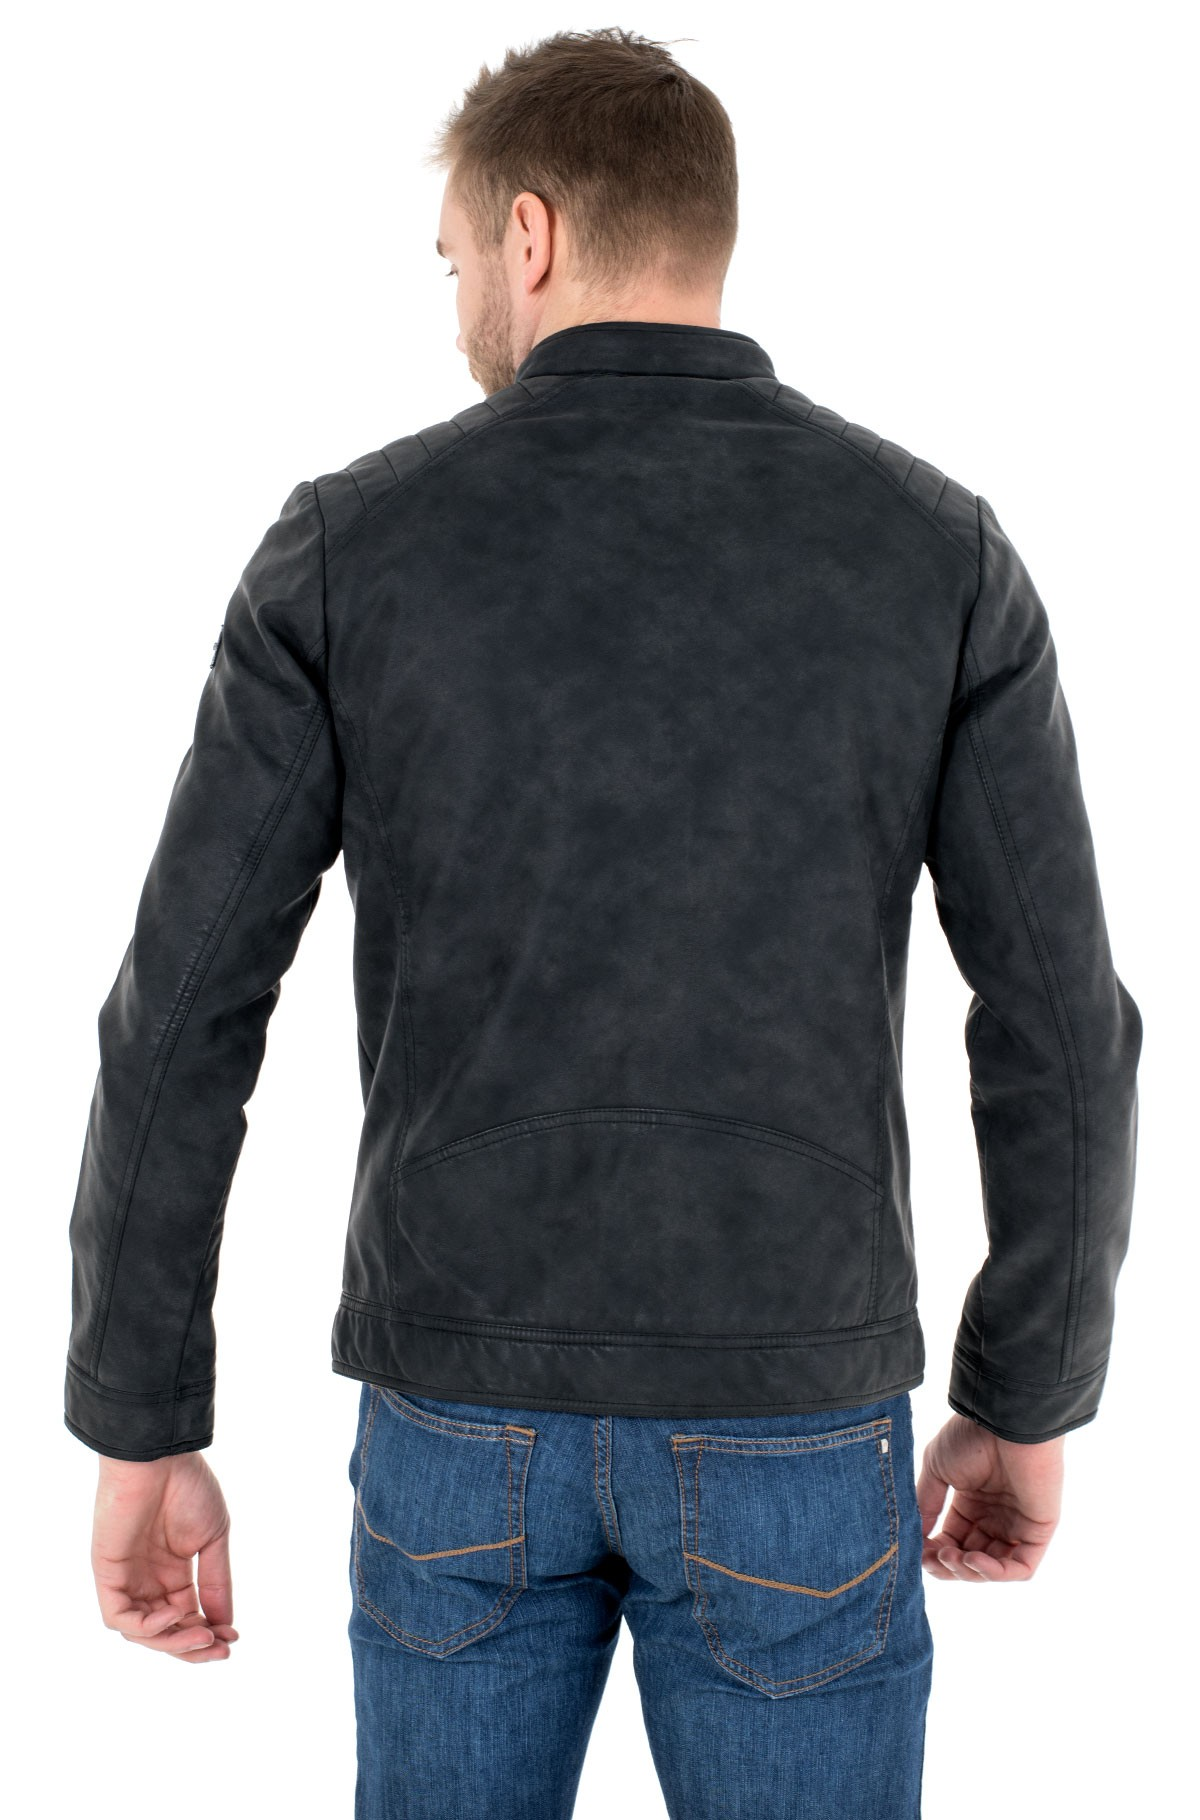 Leather jacket 1024298-full-3